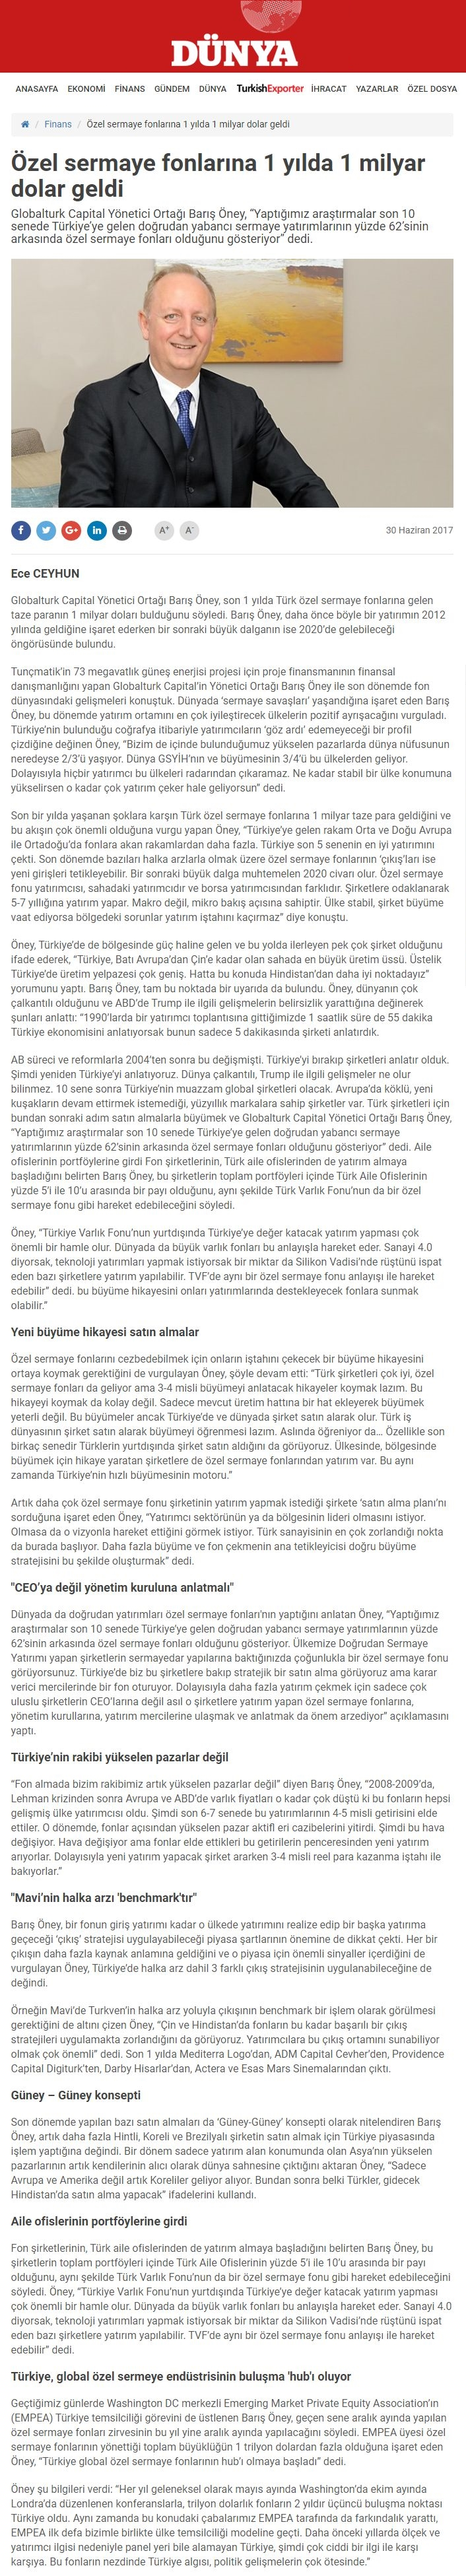 Özel Sermaye Fonlarına 1 Yılda 1 Milyar Dolar Geldi | Dunya.com